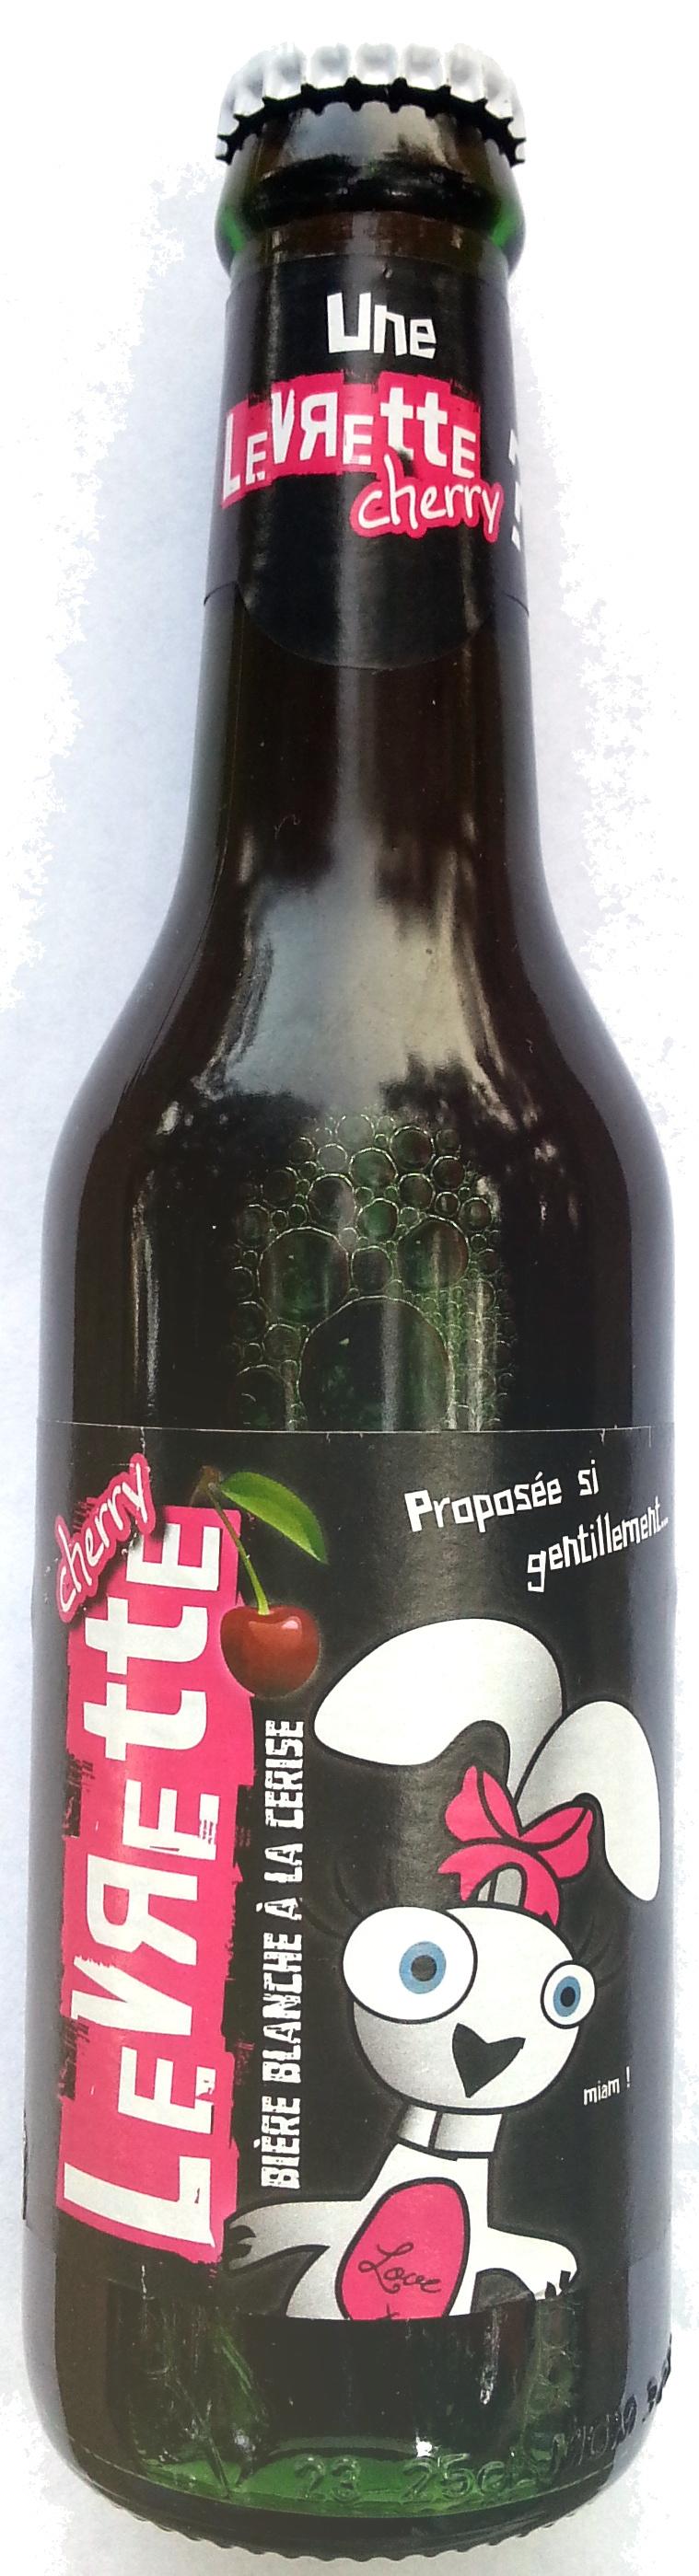 Levrette Cherry - Produit - fr